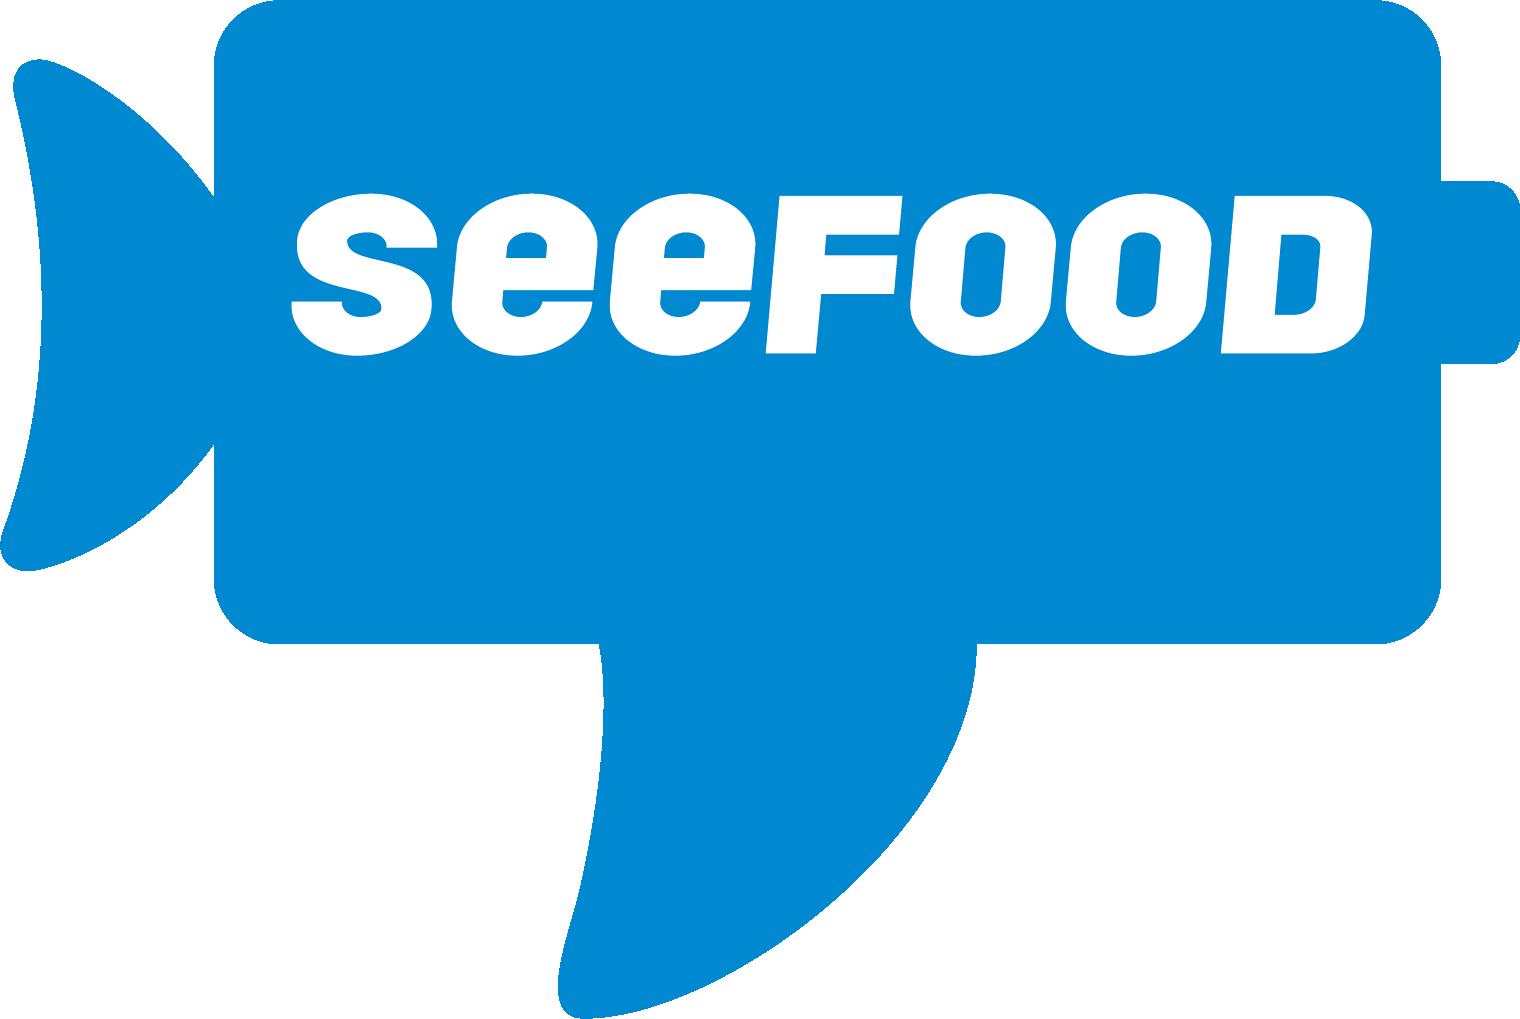 Seefood_blaafisk_illustr_transp.png